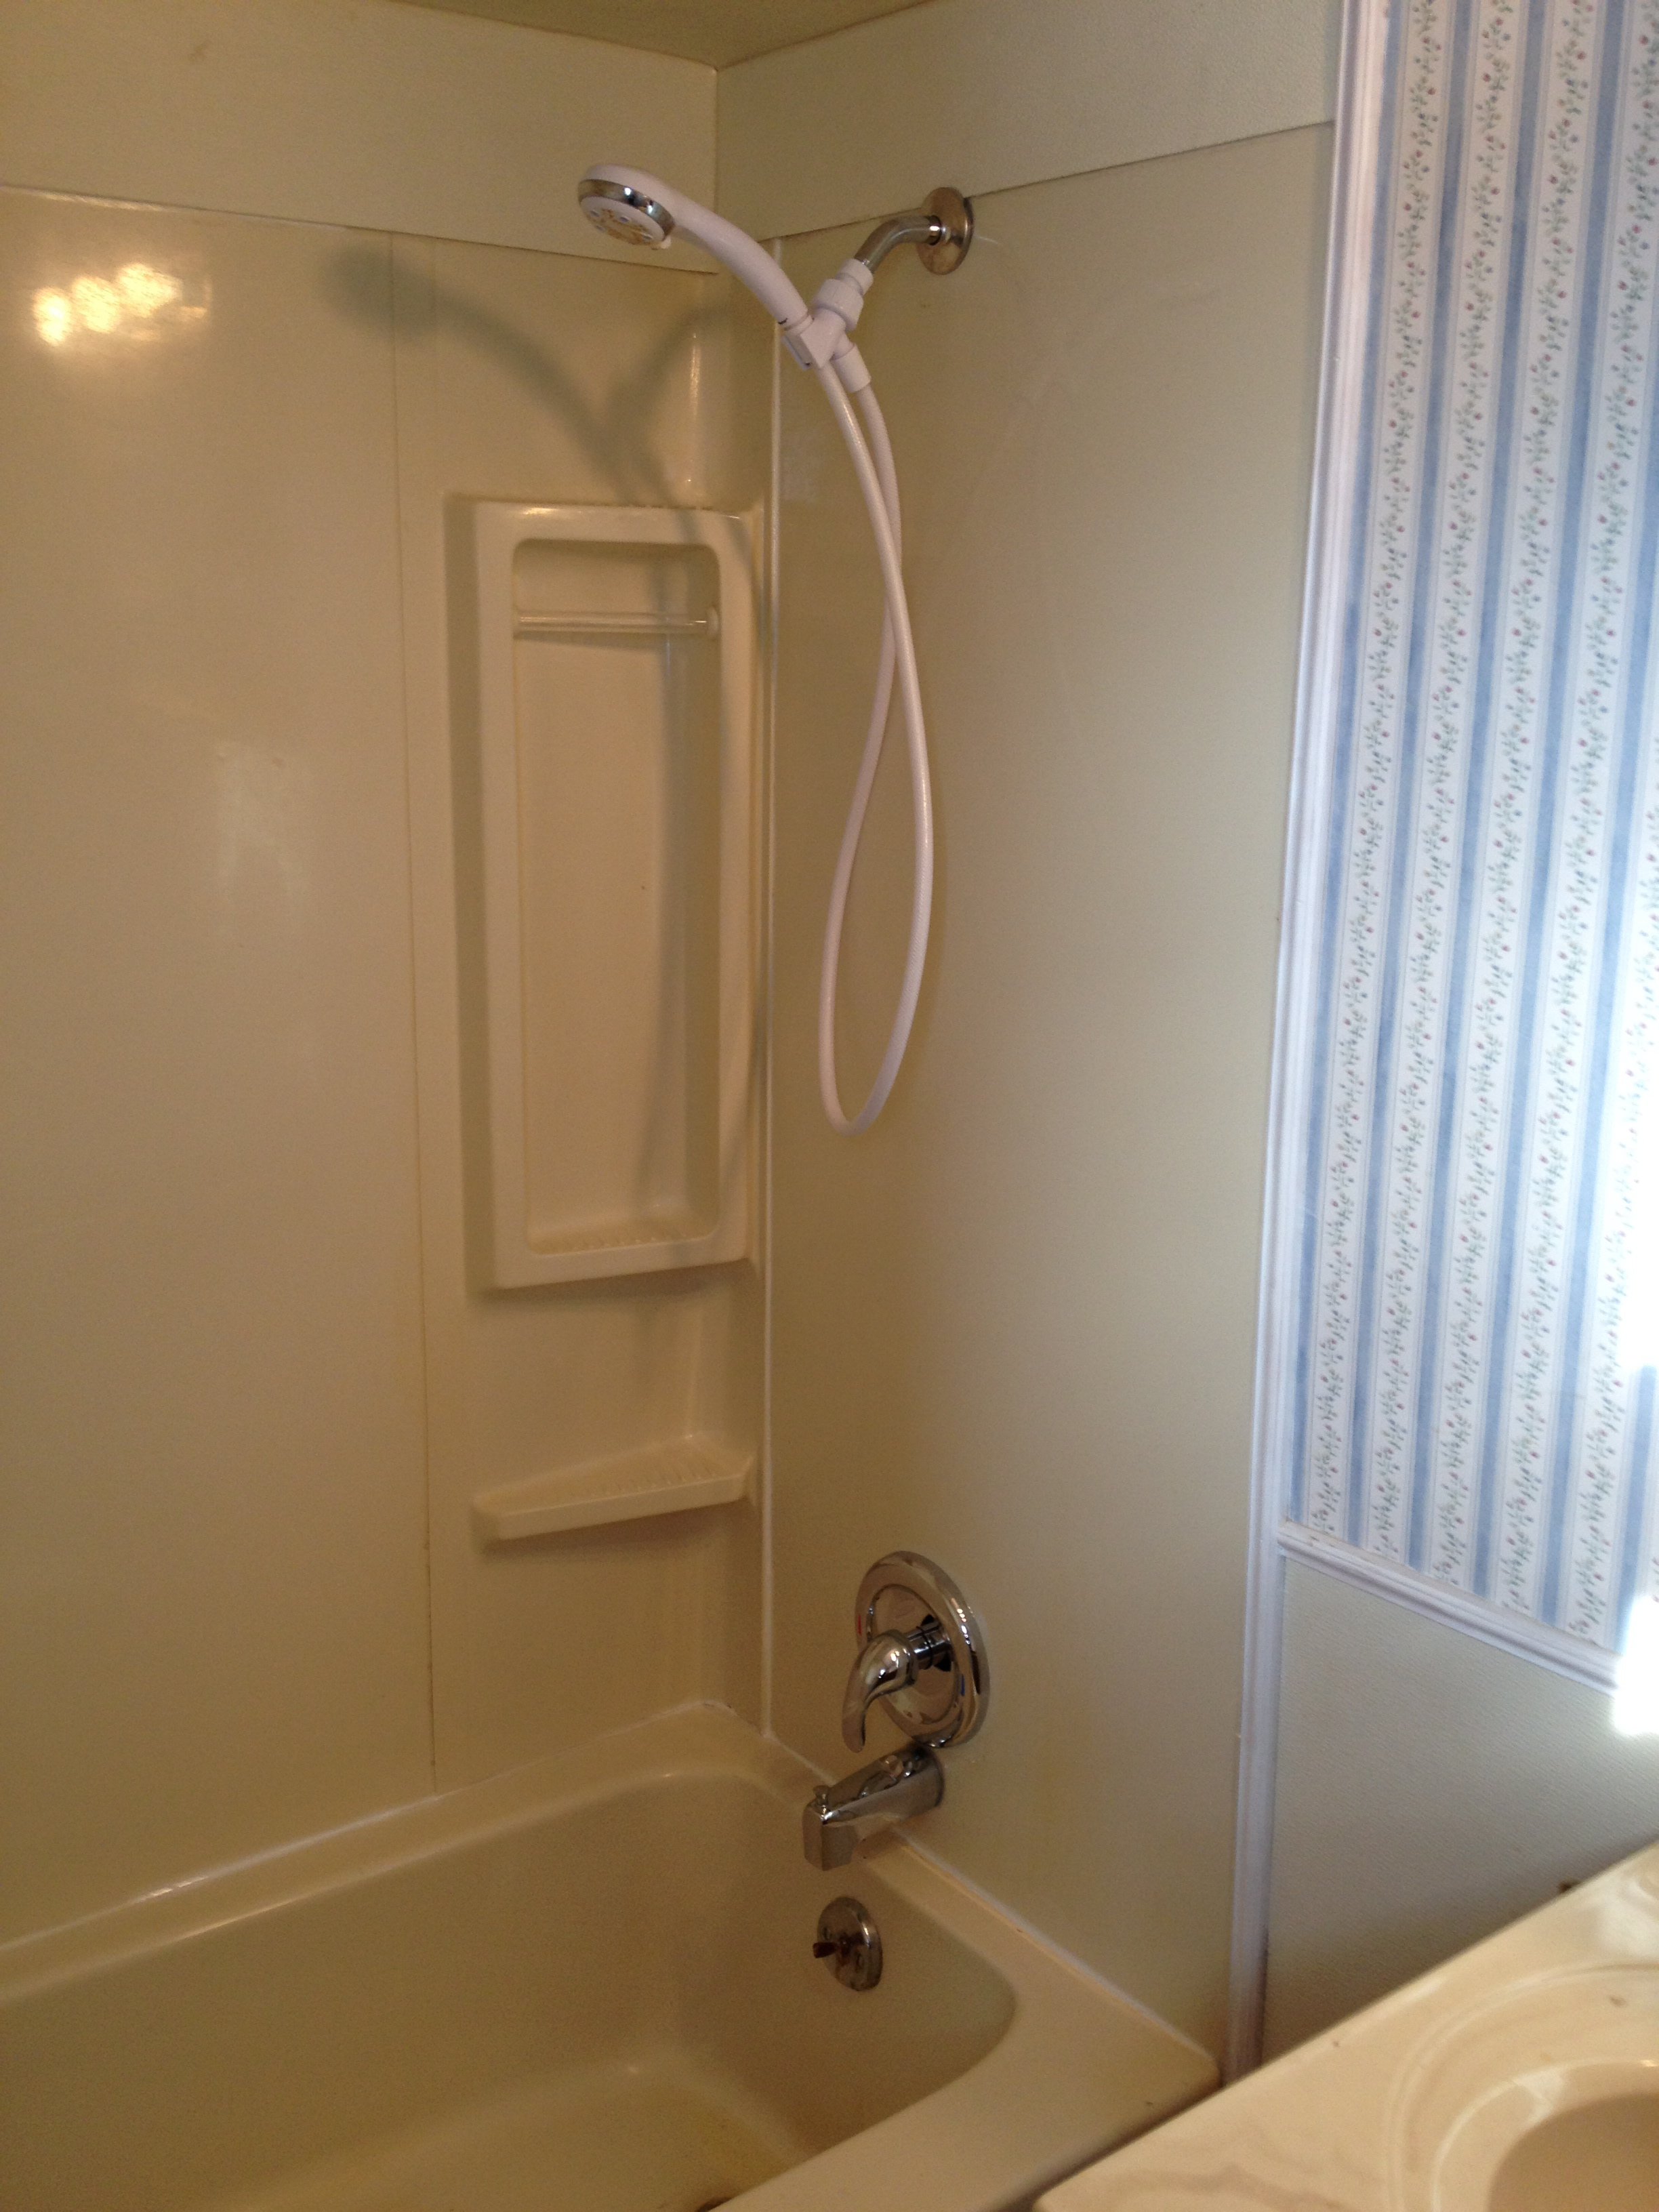 Bathtub FaucetSpout Replacement Edgerton Ohio